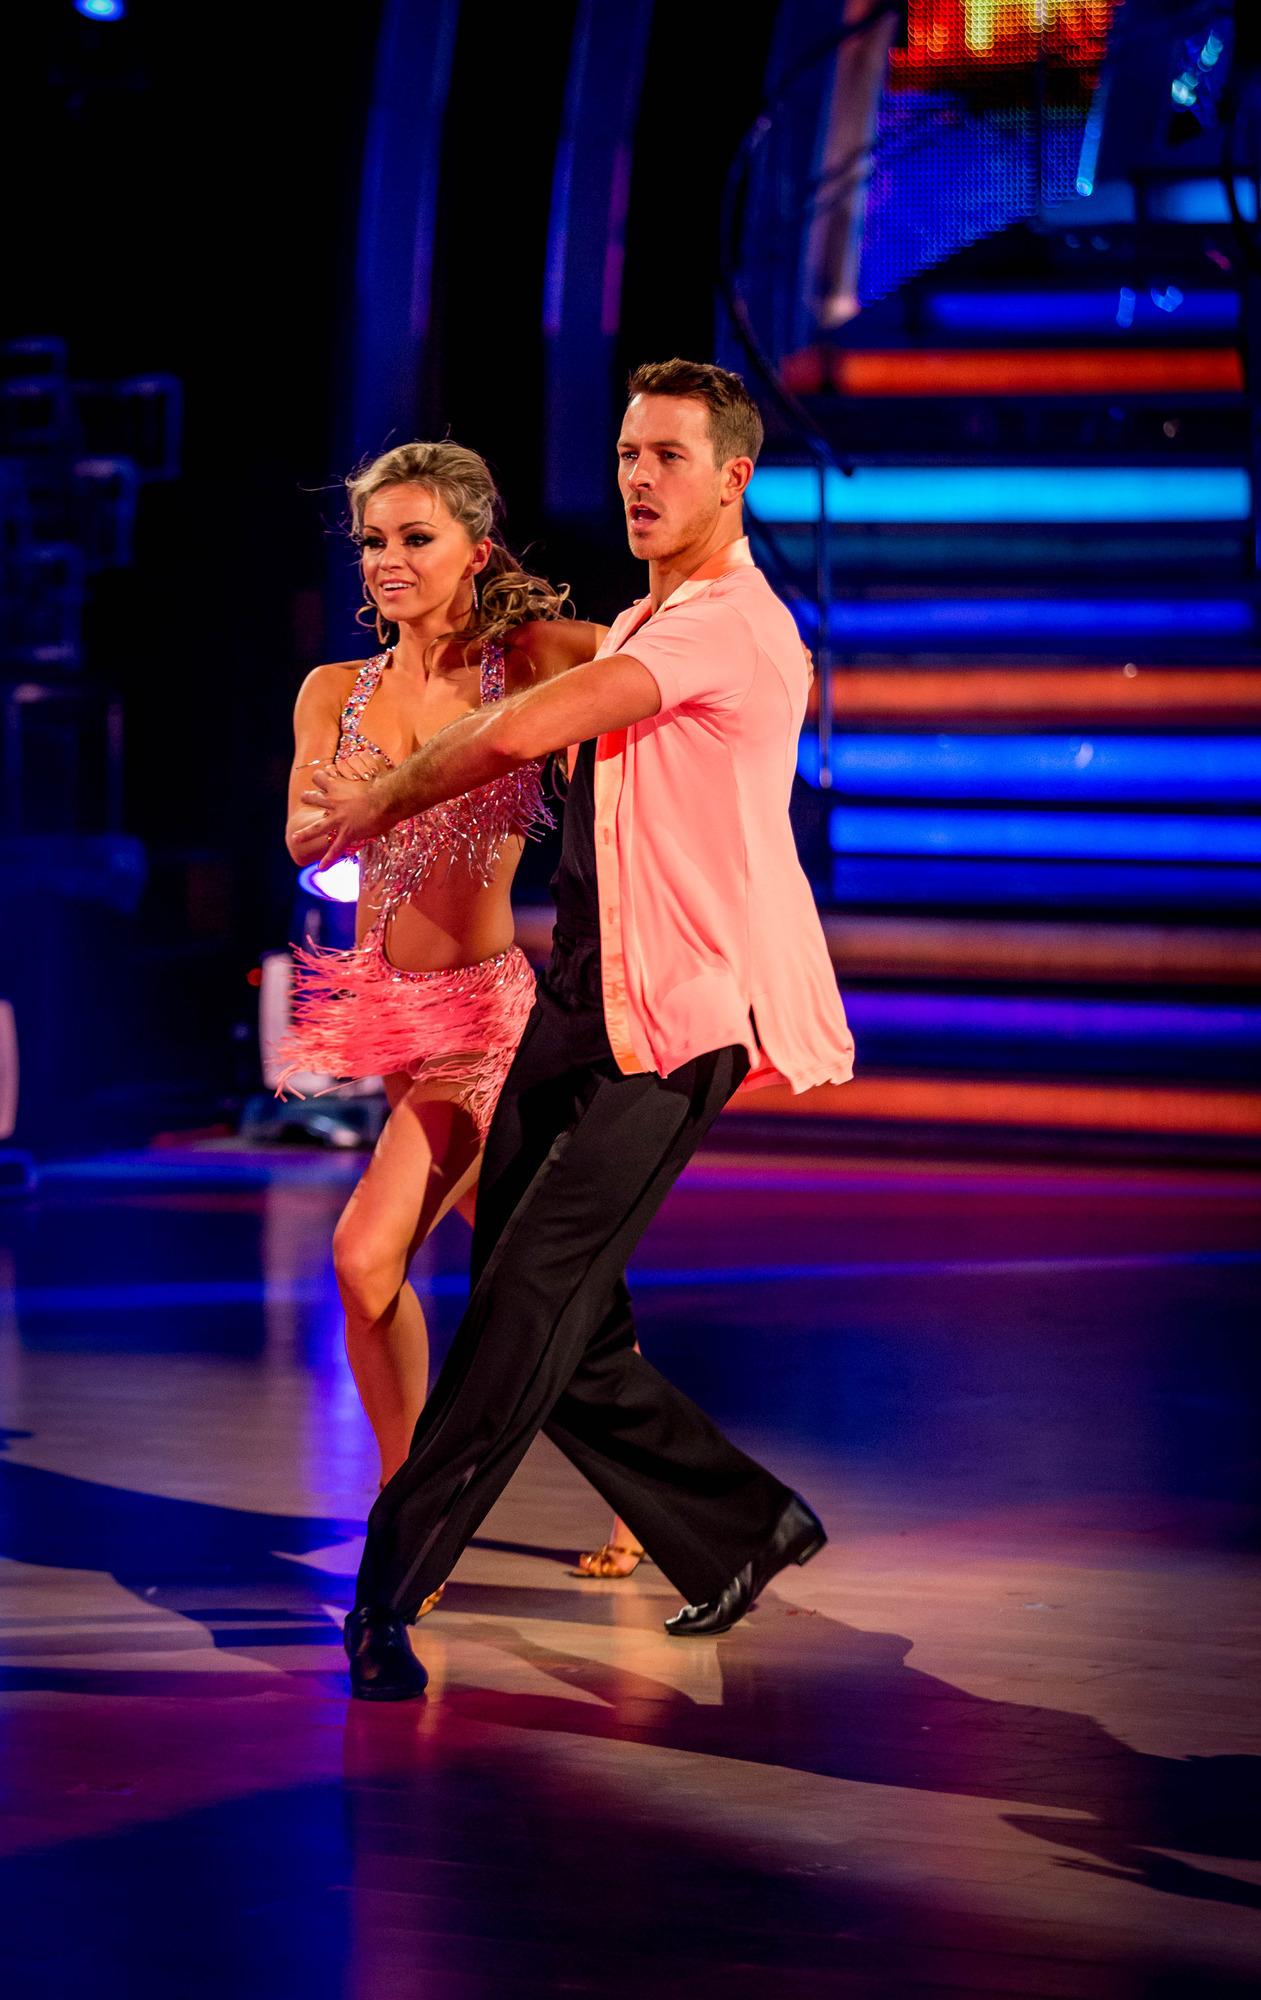 L - R Ola Jordan, Ashley Taylor Dawson - (C) BBC - Photographer: Guy Levy